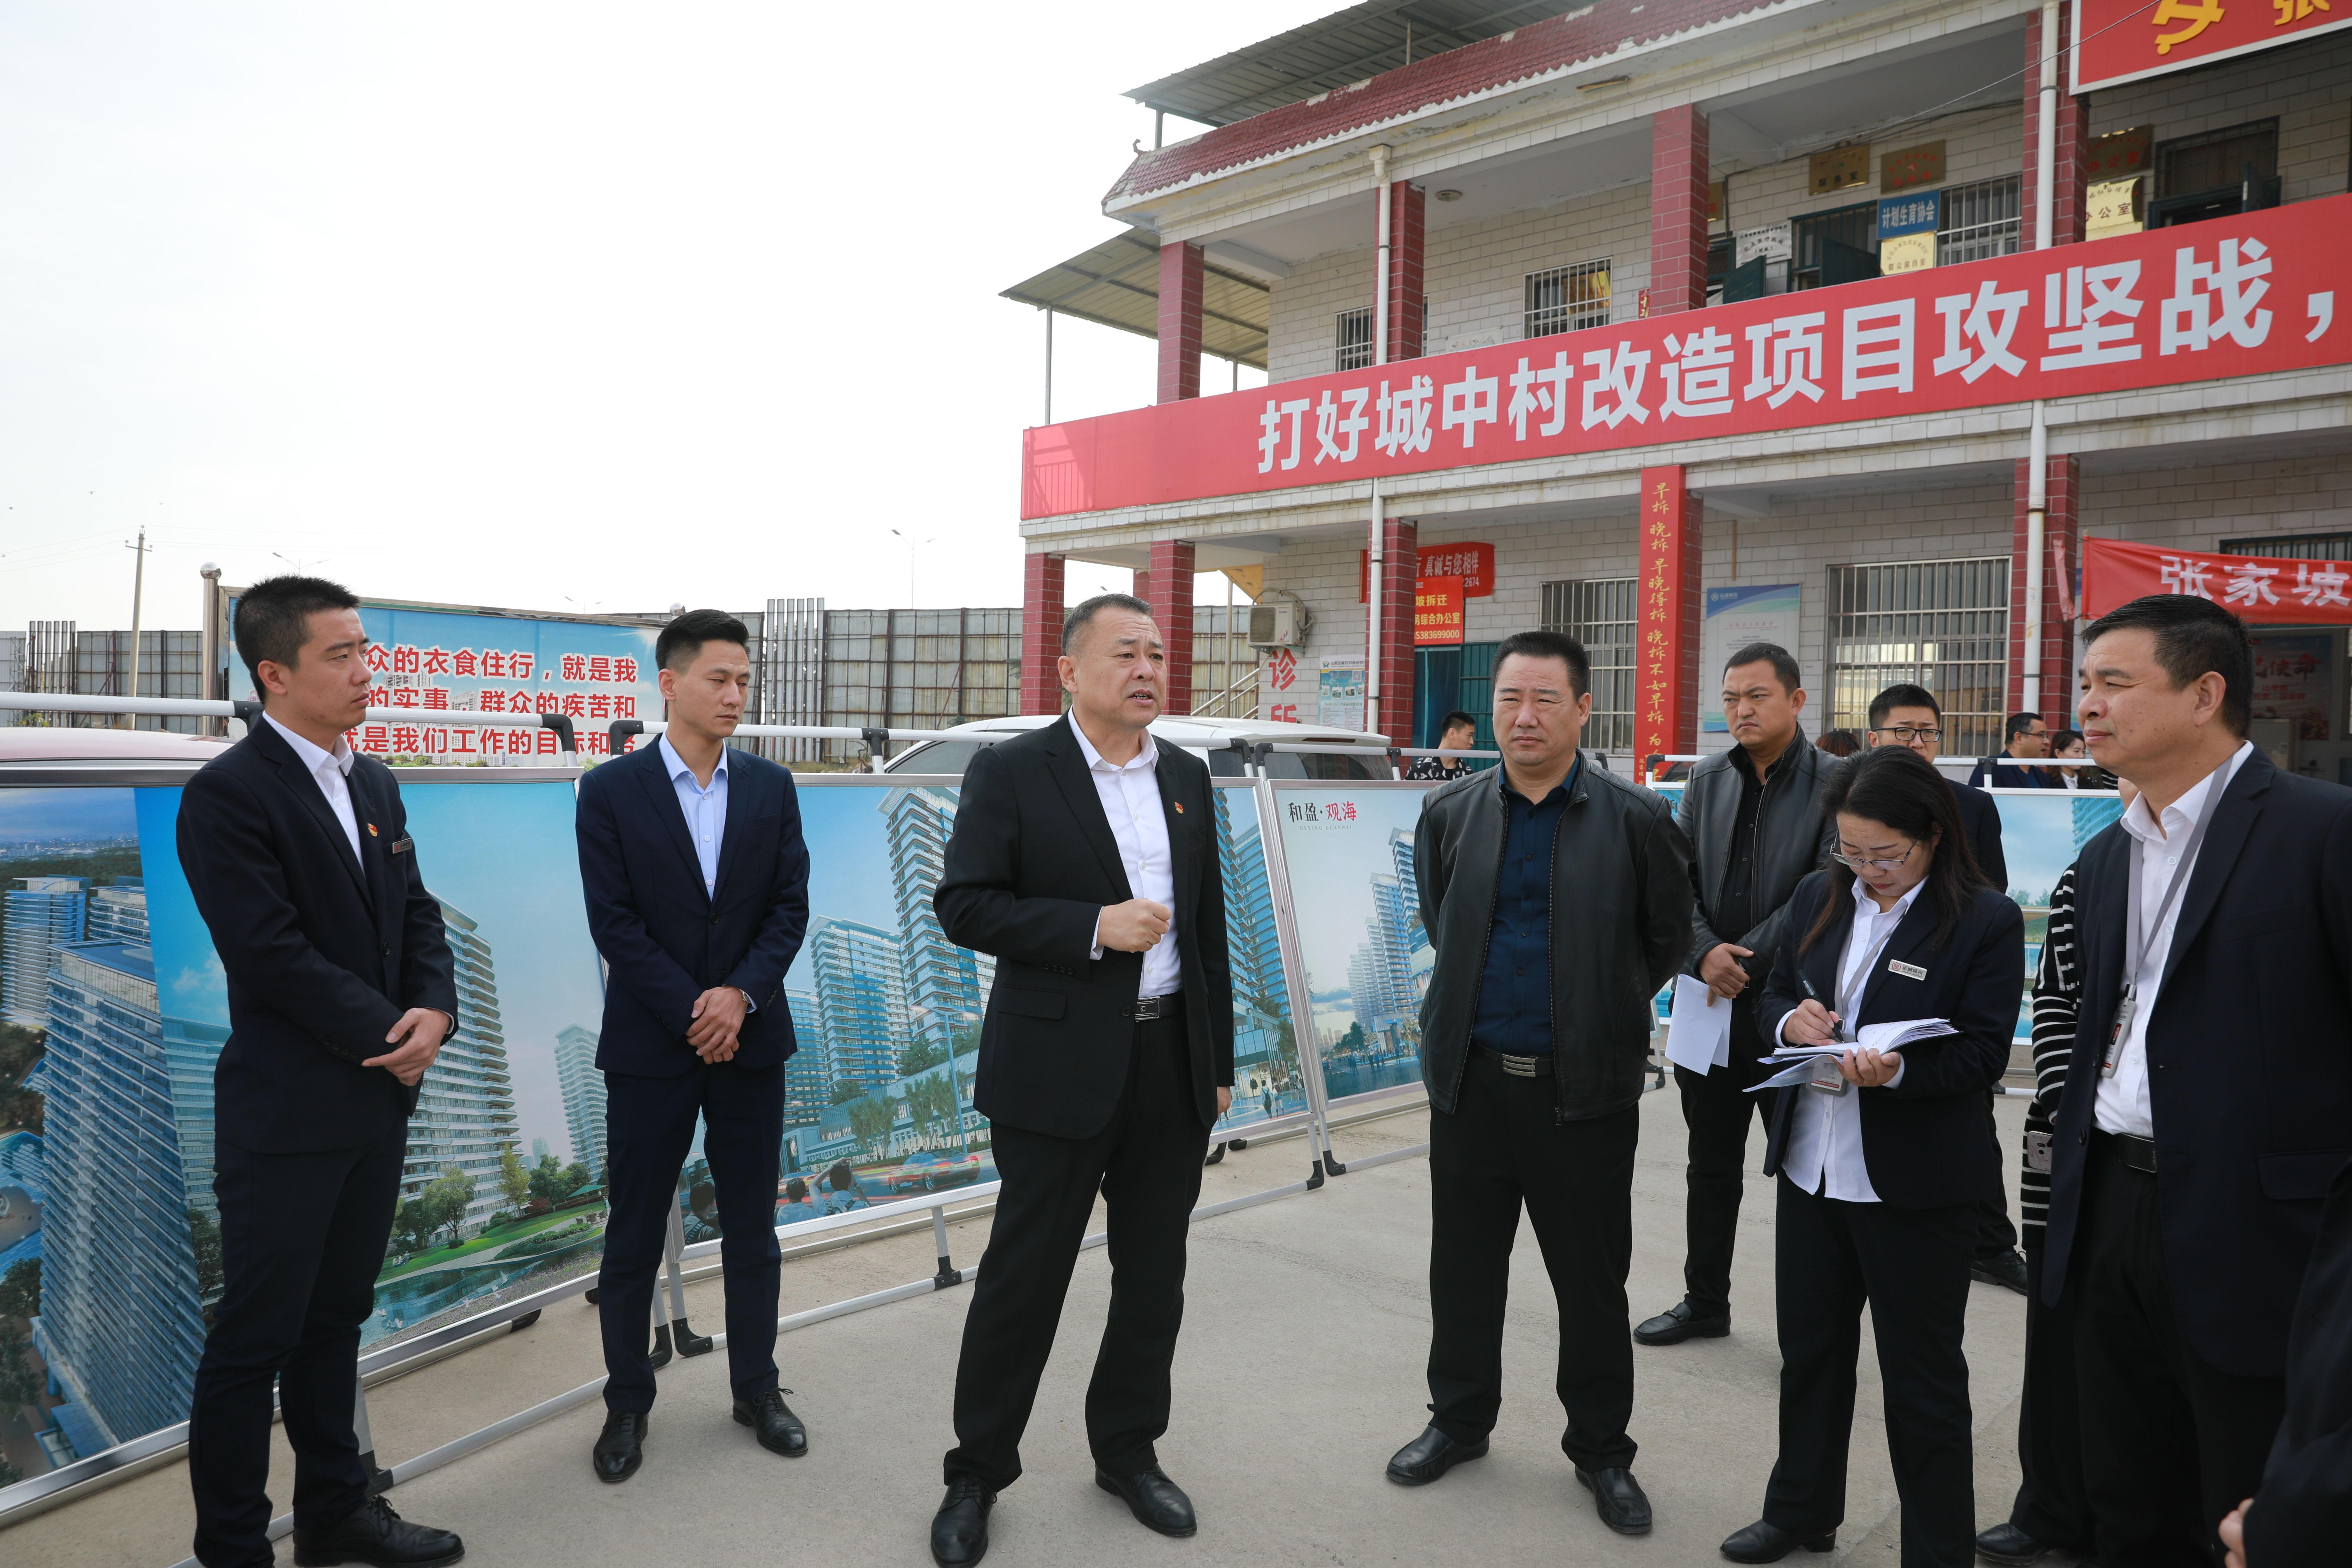 市城投集团公司在盐湖区张家坡城中村改造项目调研